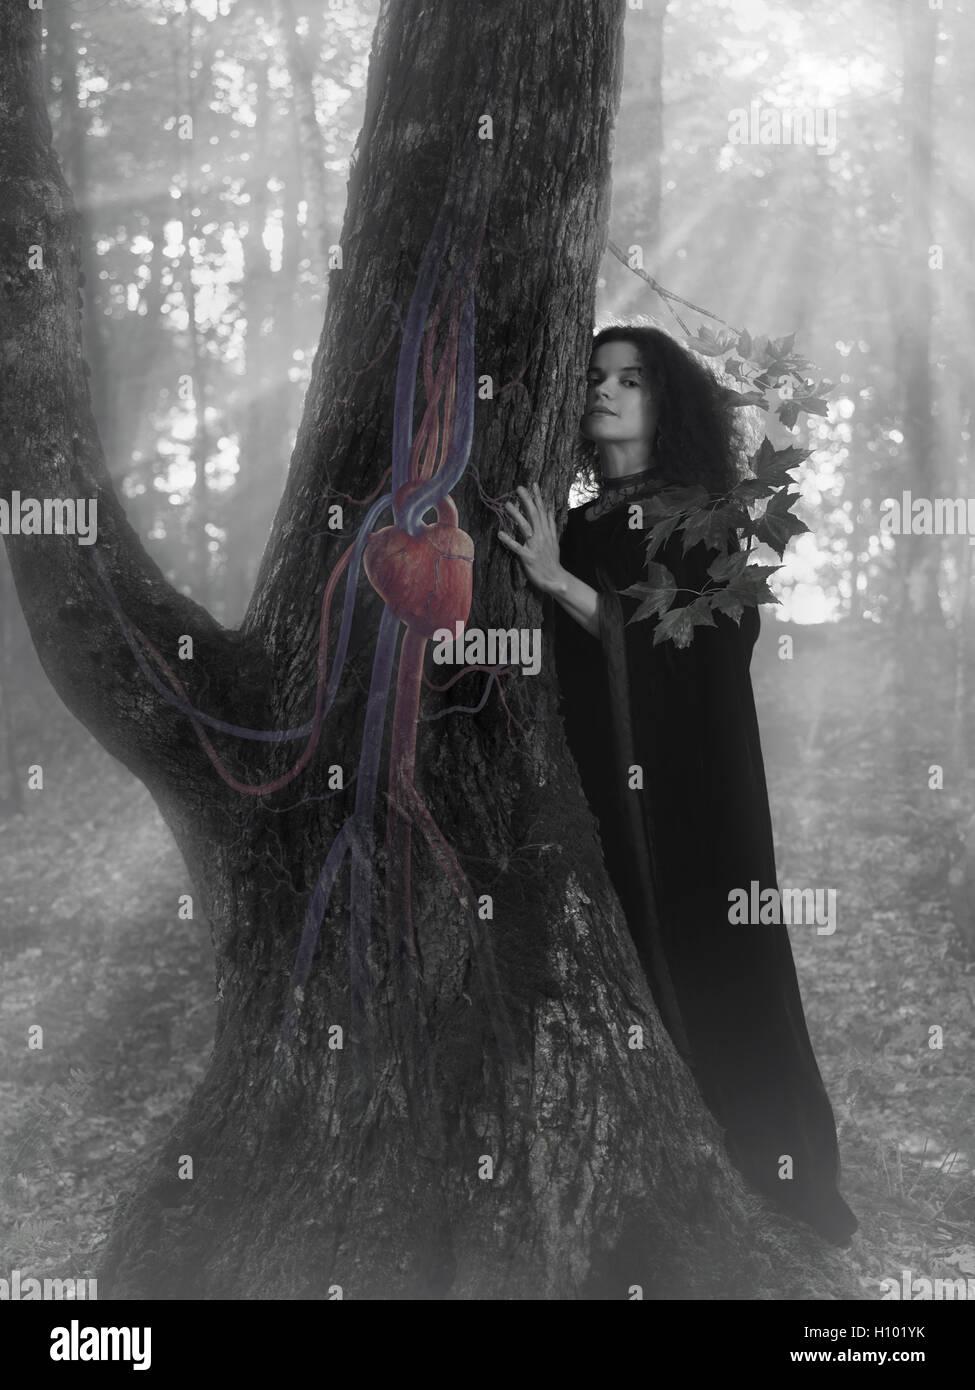 Frau Druide im Wald hören Sie den Herzschlag eines Baumes, künstlerische konzeptionelle schwarz / weiß Stockbild